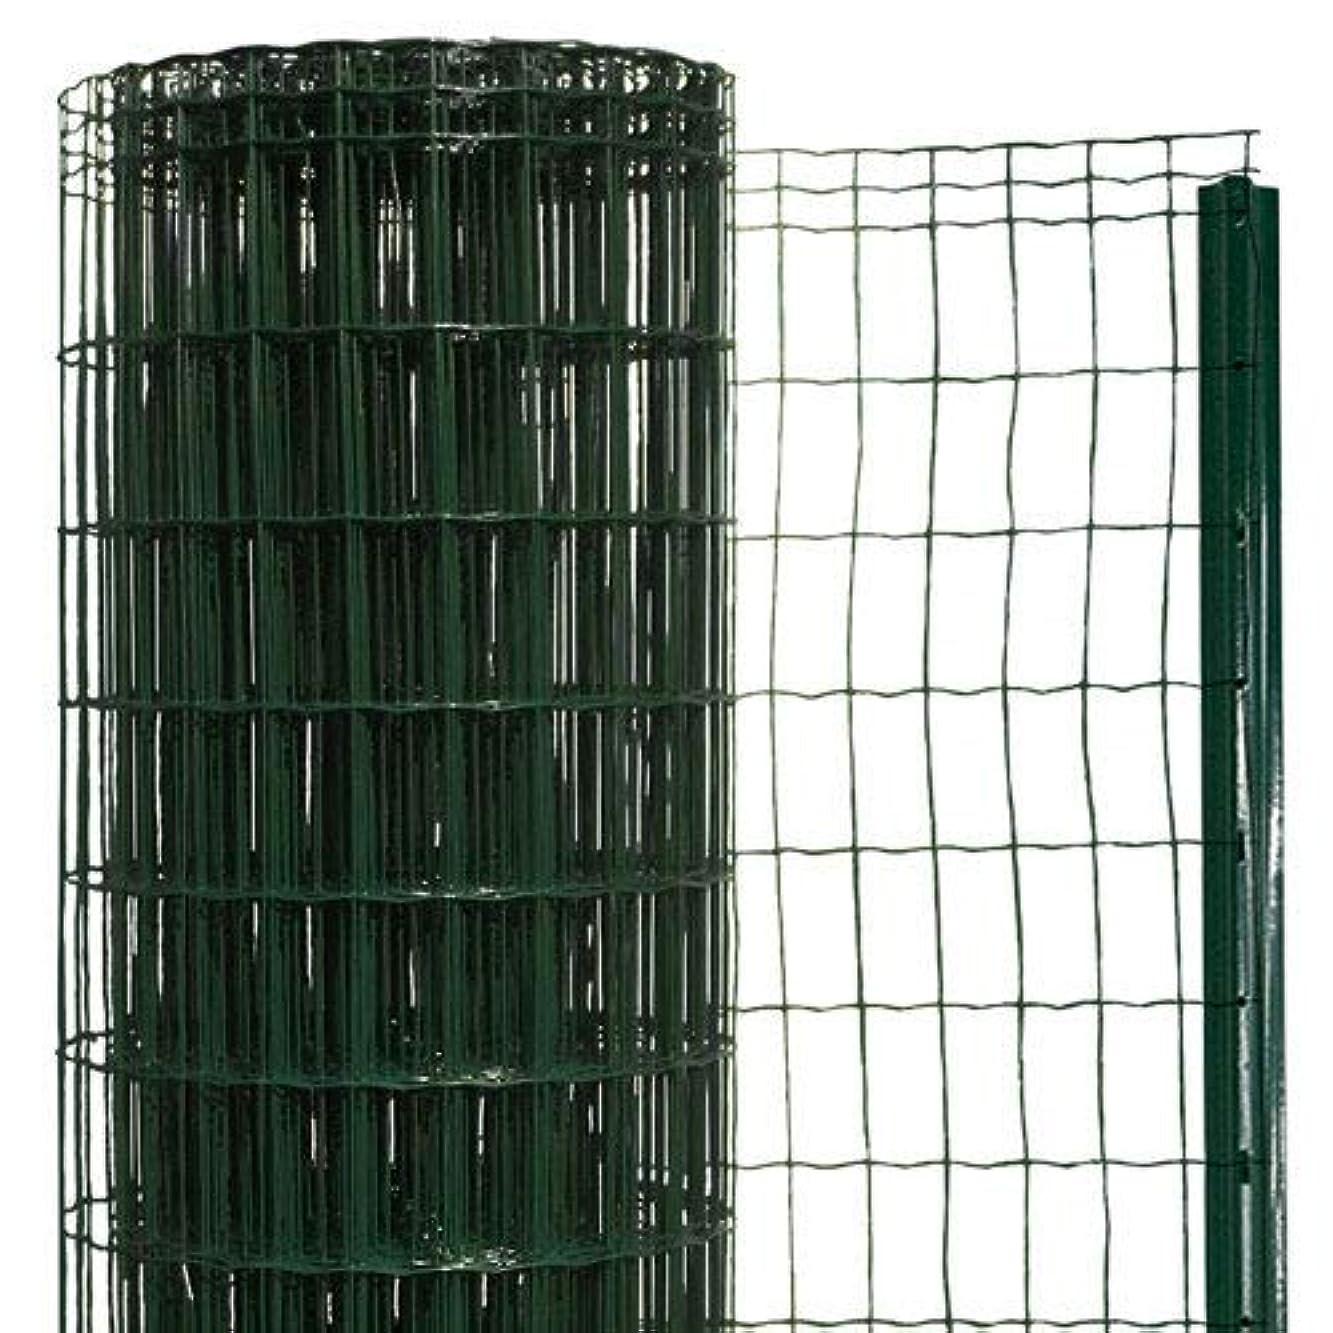 地上の中央恥簡単金網フェンス?改良型 1500 ネット+支柱セット 【高さ:1.5m?長さ:20m?防錆処理+PVC加工】